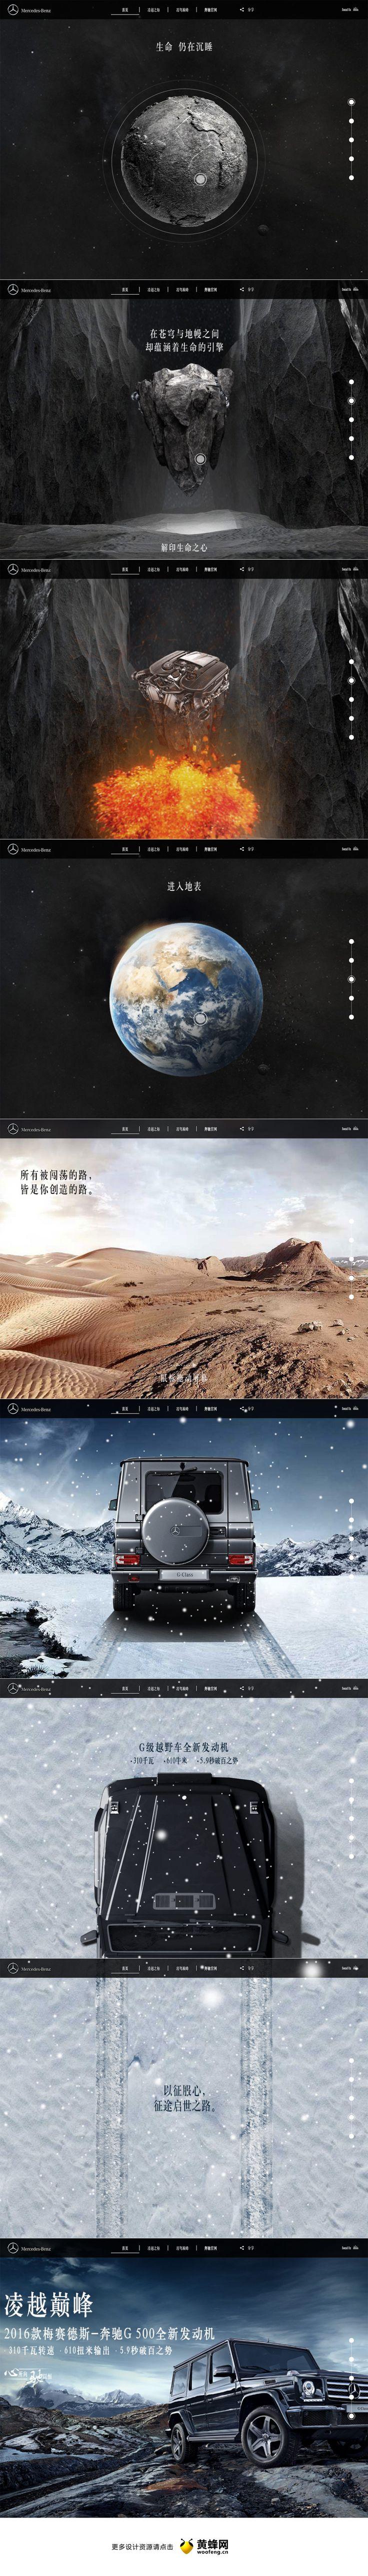 奔驰汽车 凌越巅峰,来源自黄蜂网http://woofeng.cn/